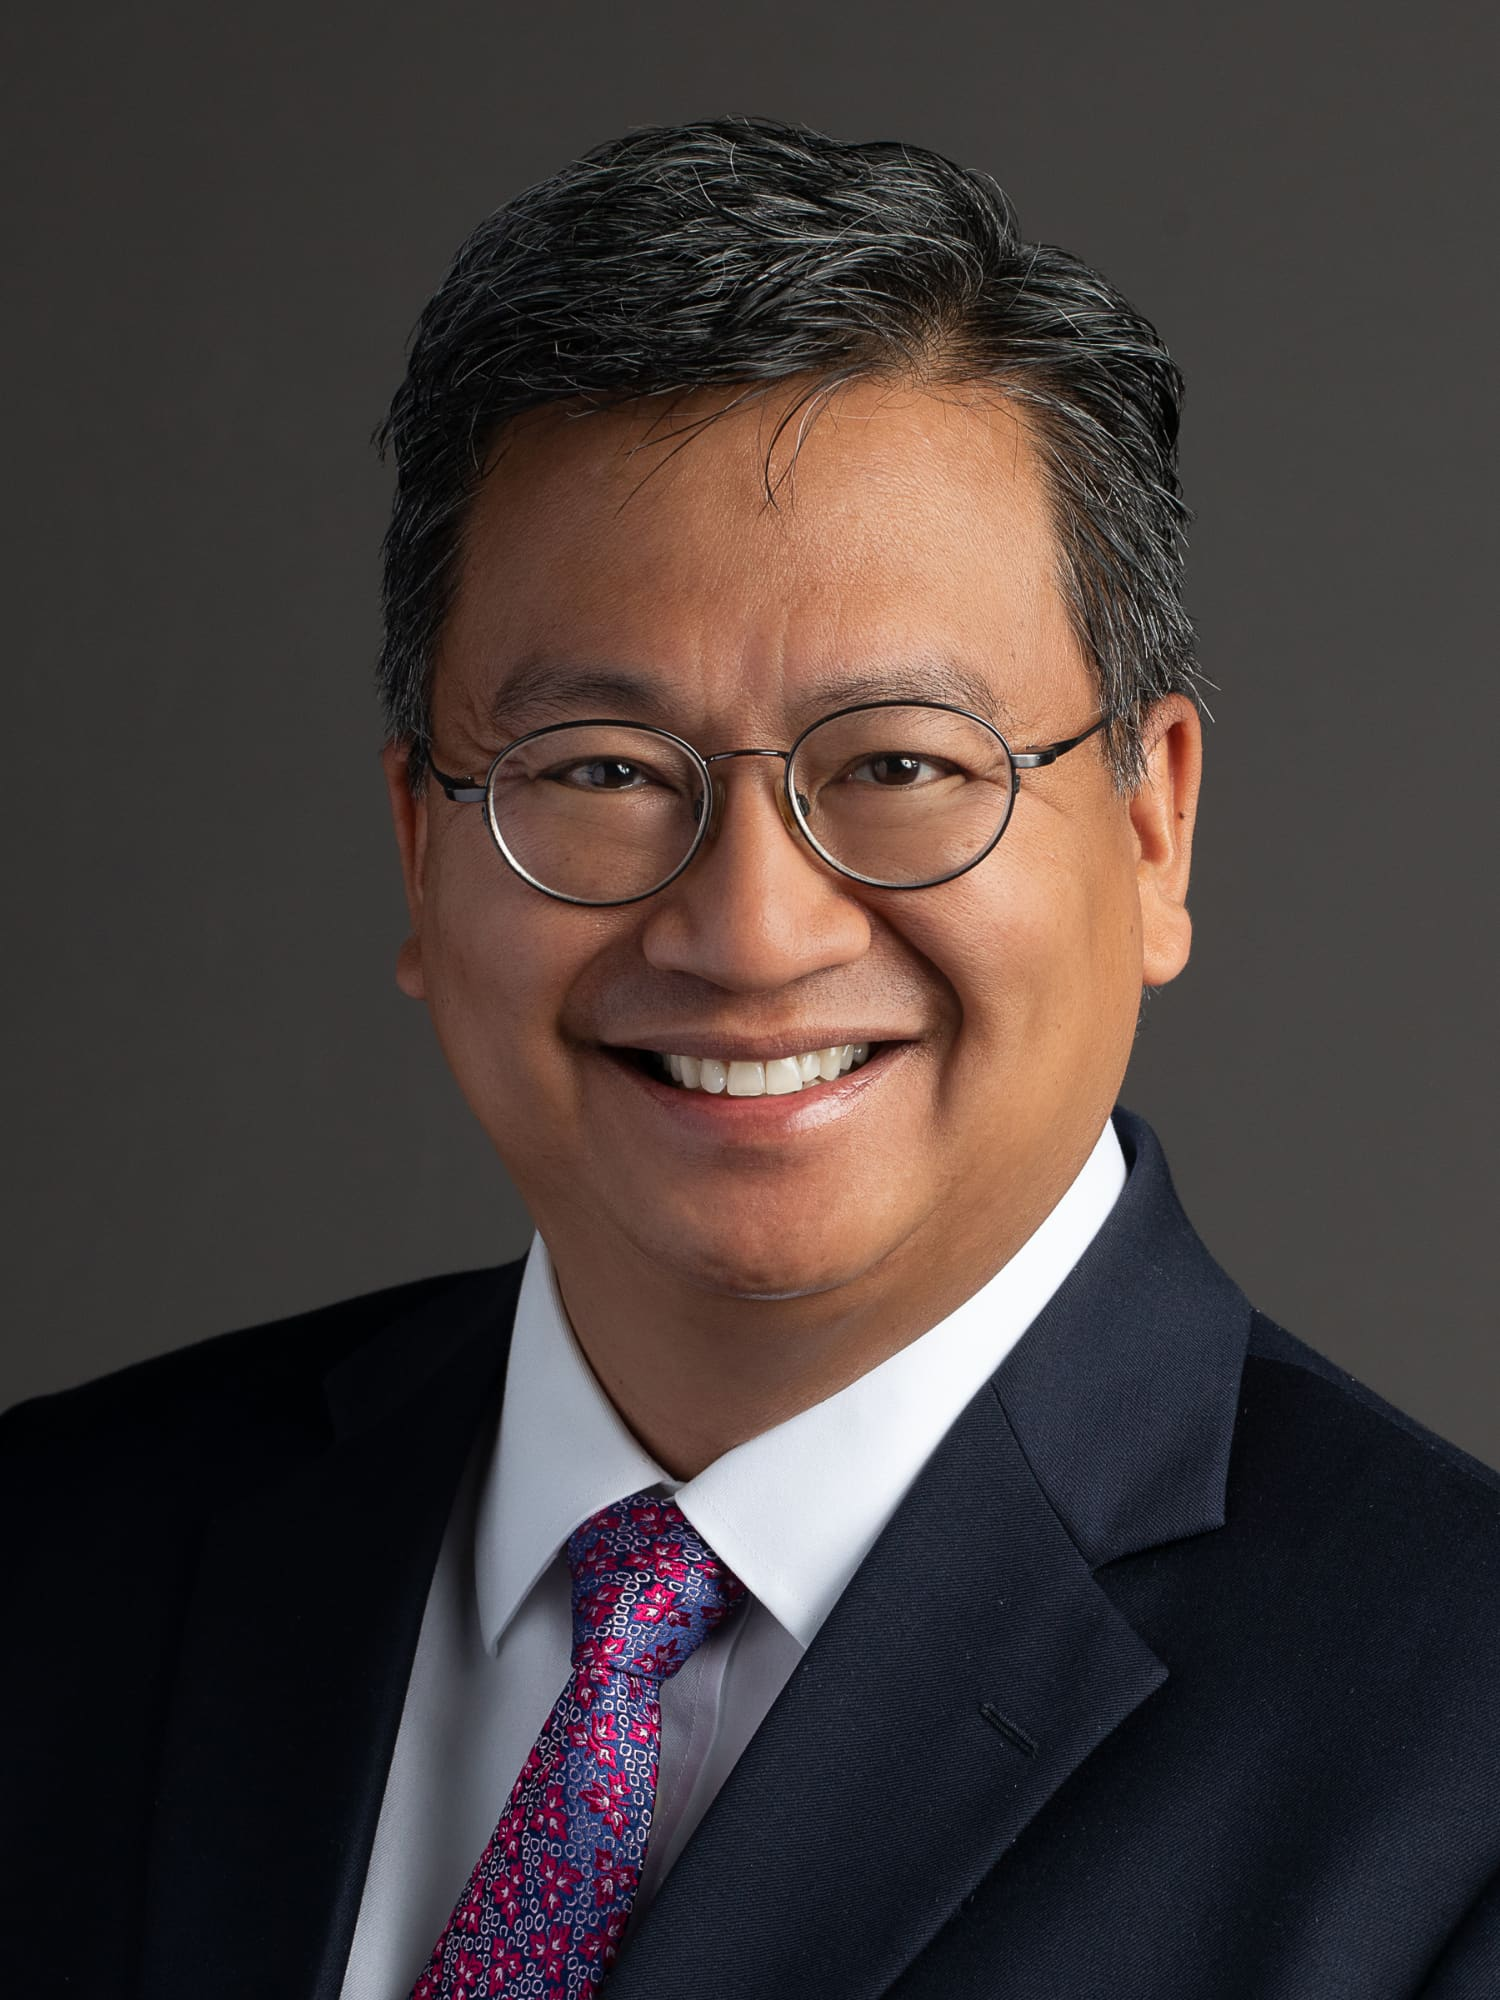 Tito Vasquez